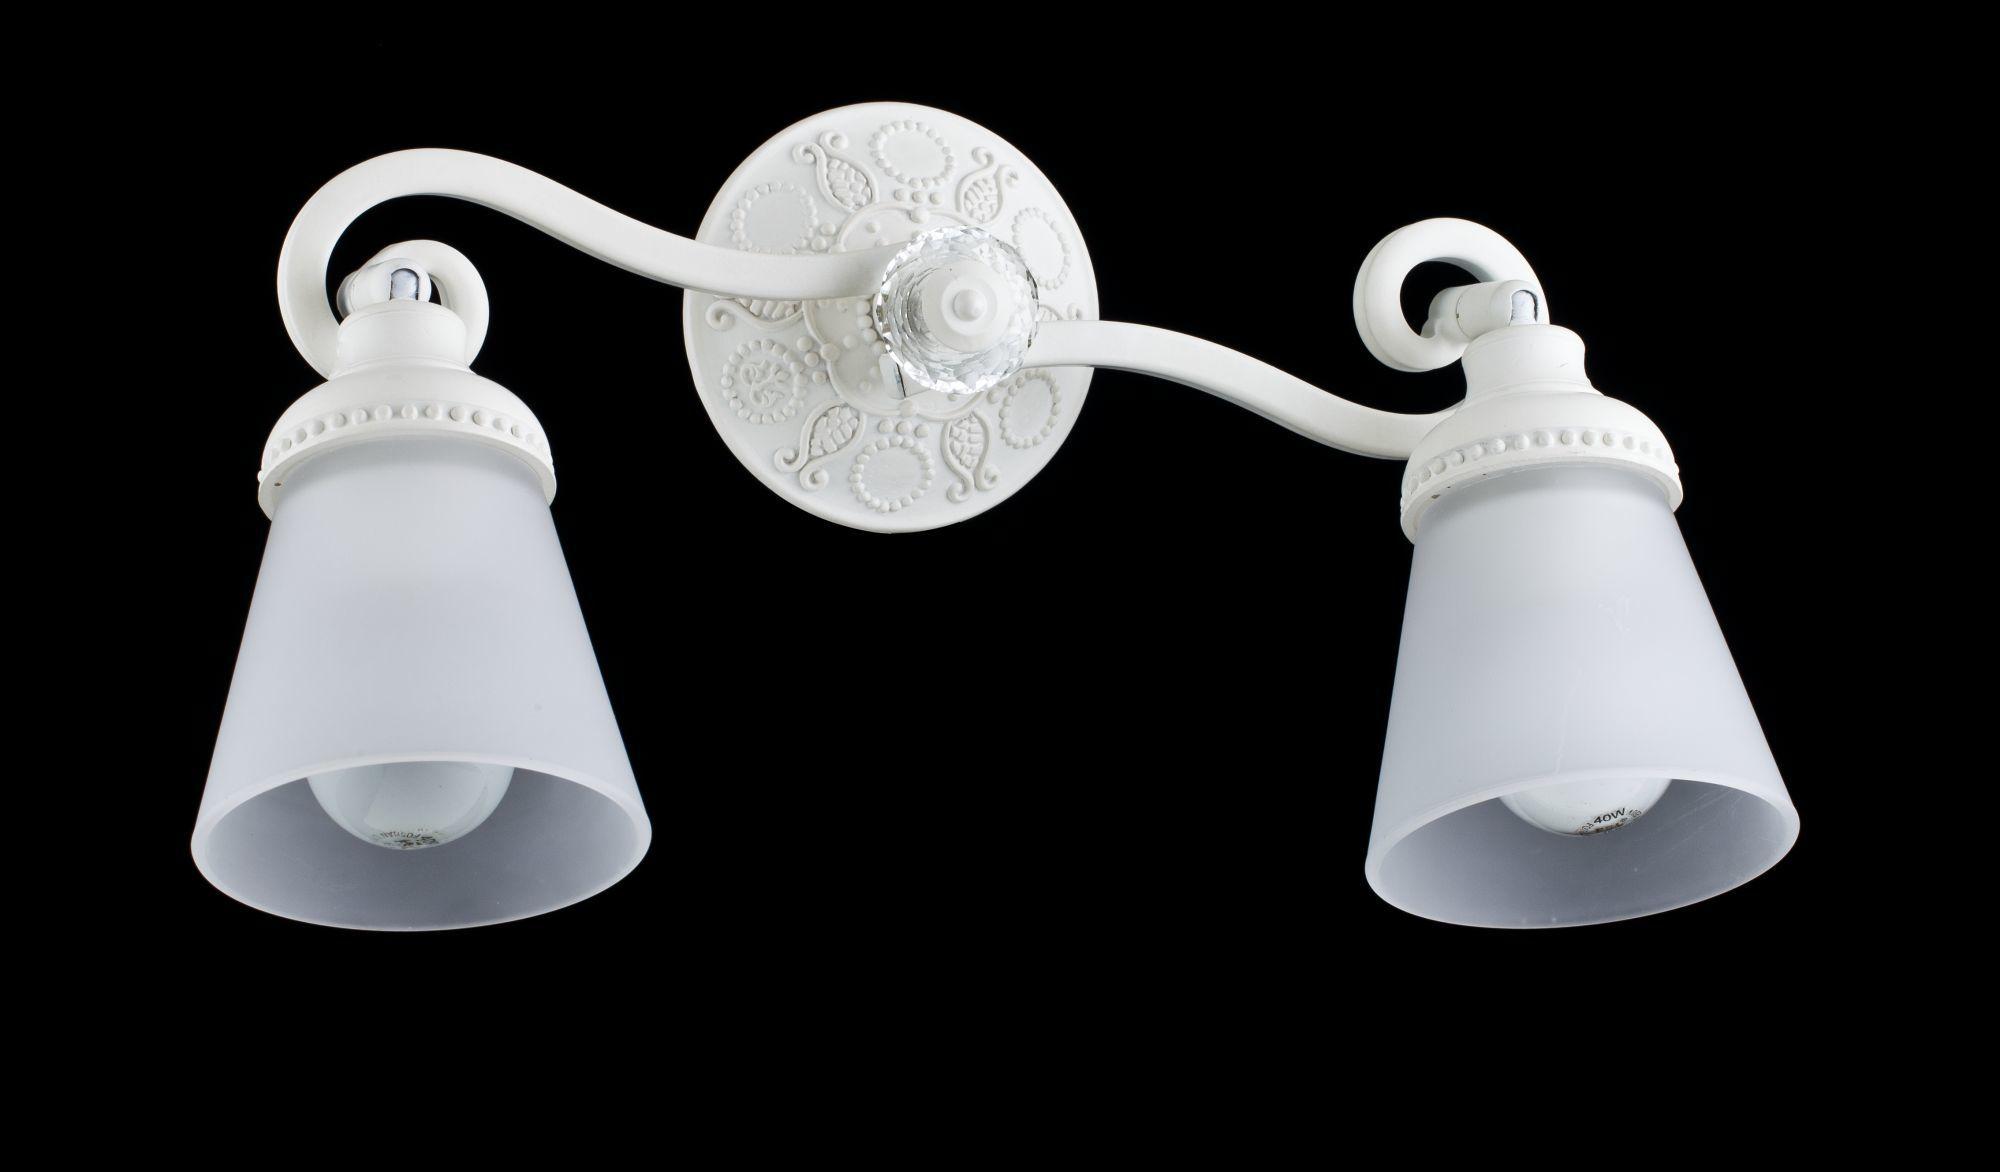 Потолочный светильник с регулировкой направления света Maytoni Mia SP564-CW-02-W (eco564-02-w), 2xE14x40W, белый, металл, стекло - фото 1